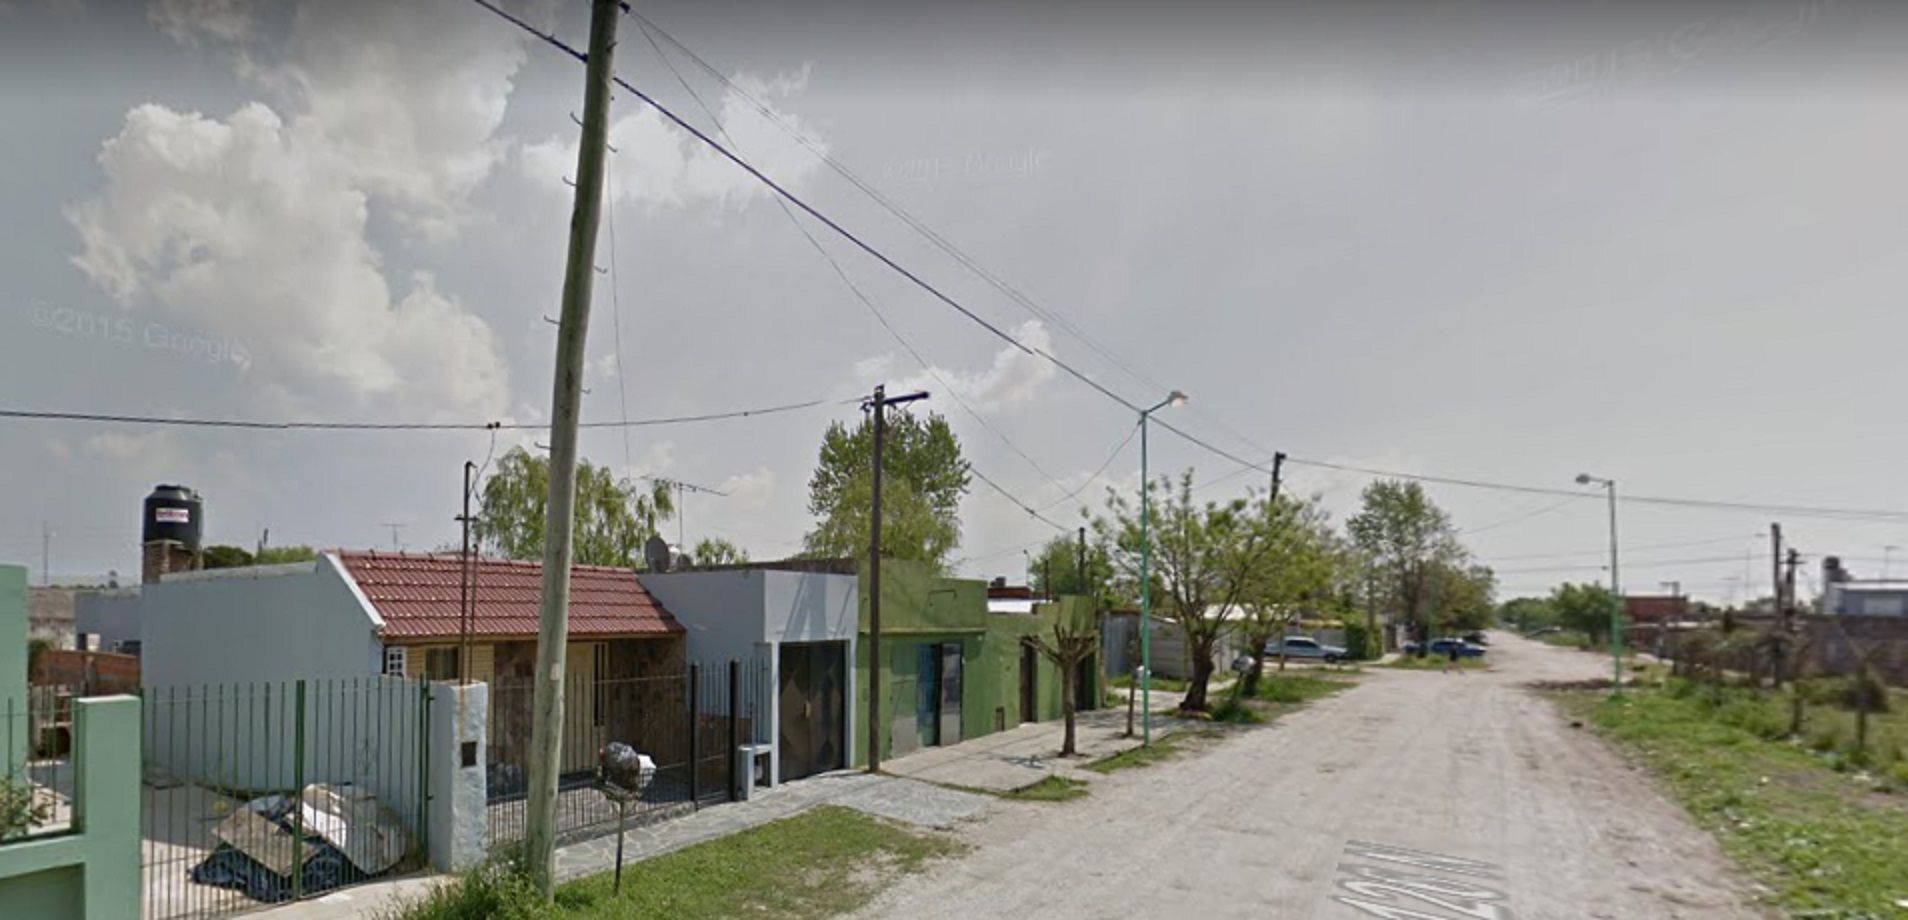 La zona en donde ocurrió el violento asalto